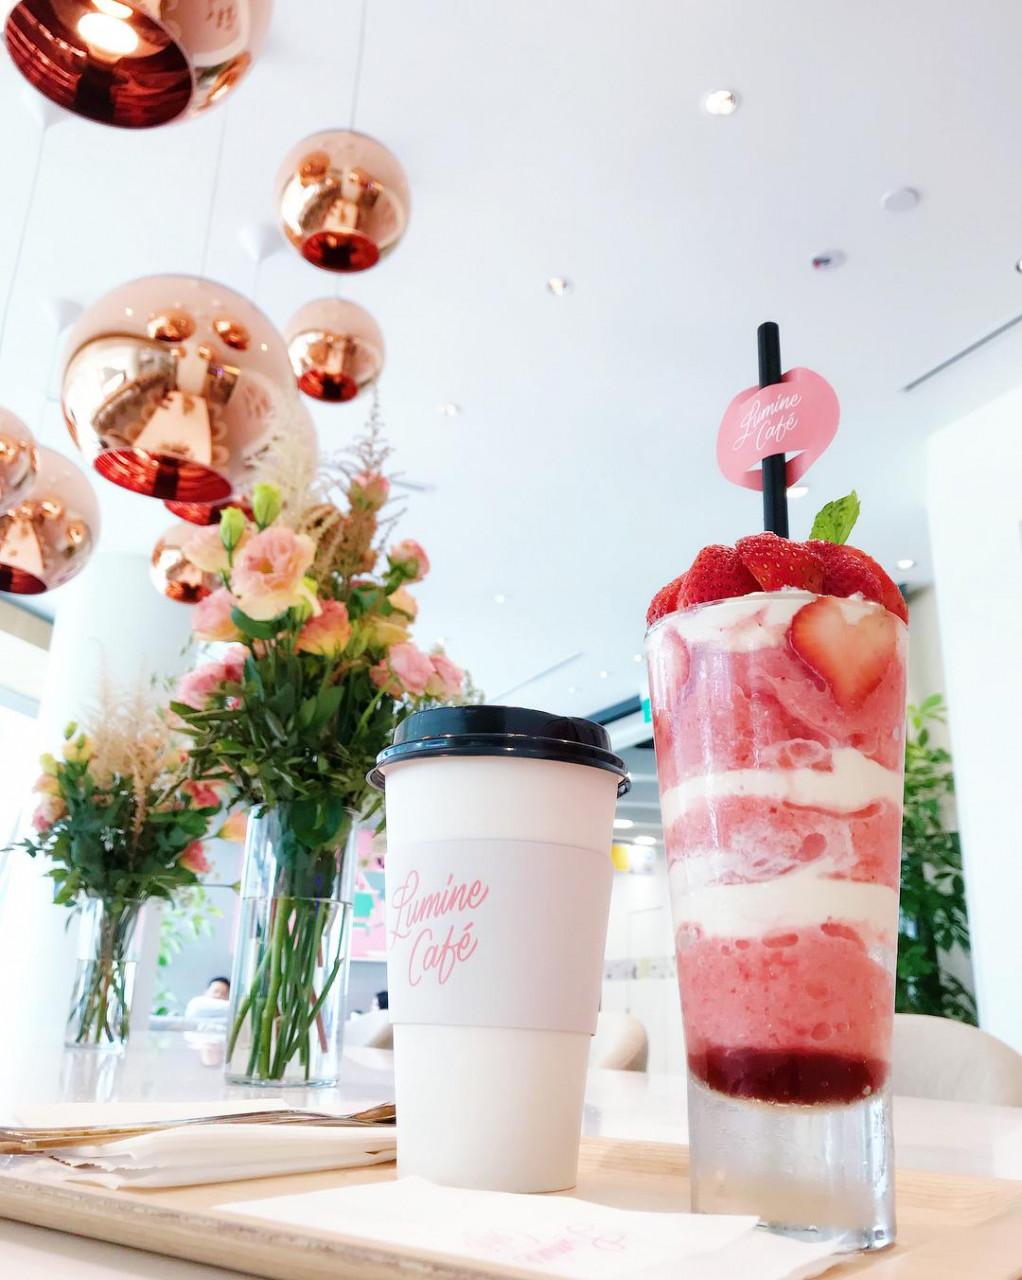 lumine cafe beverages